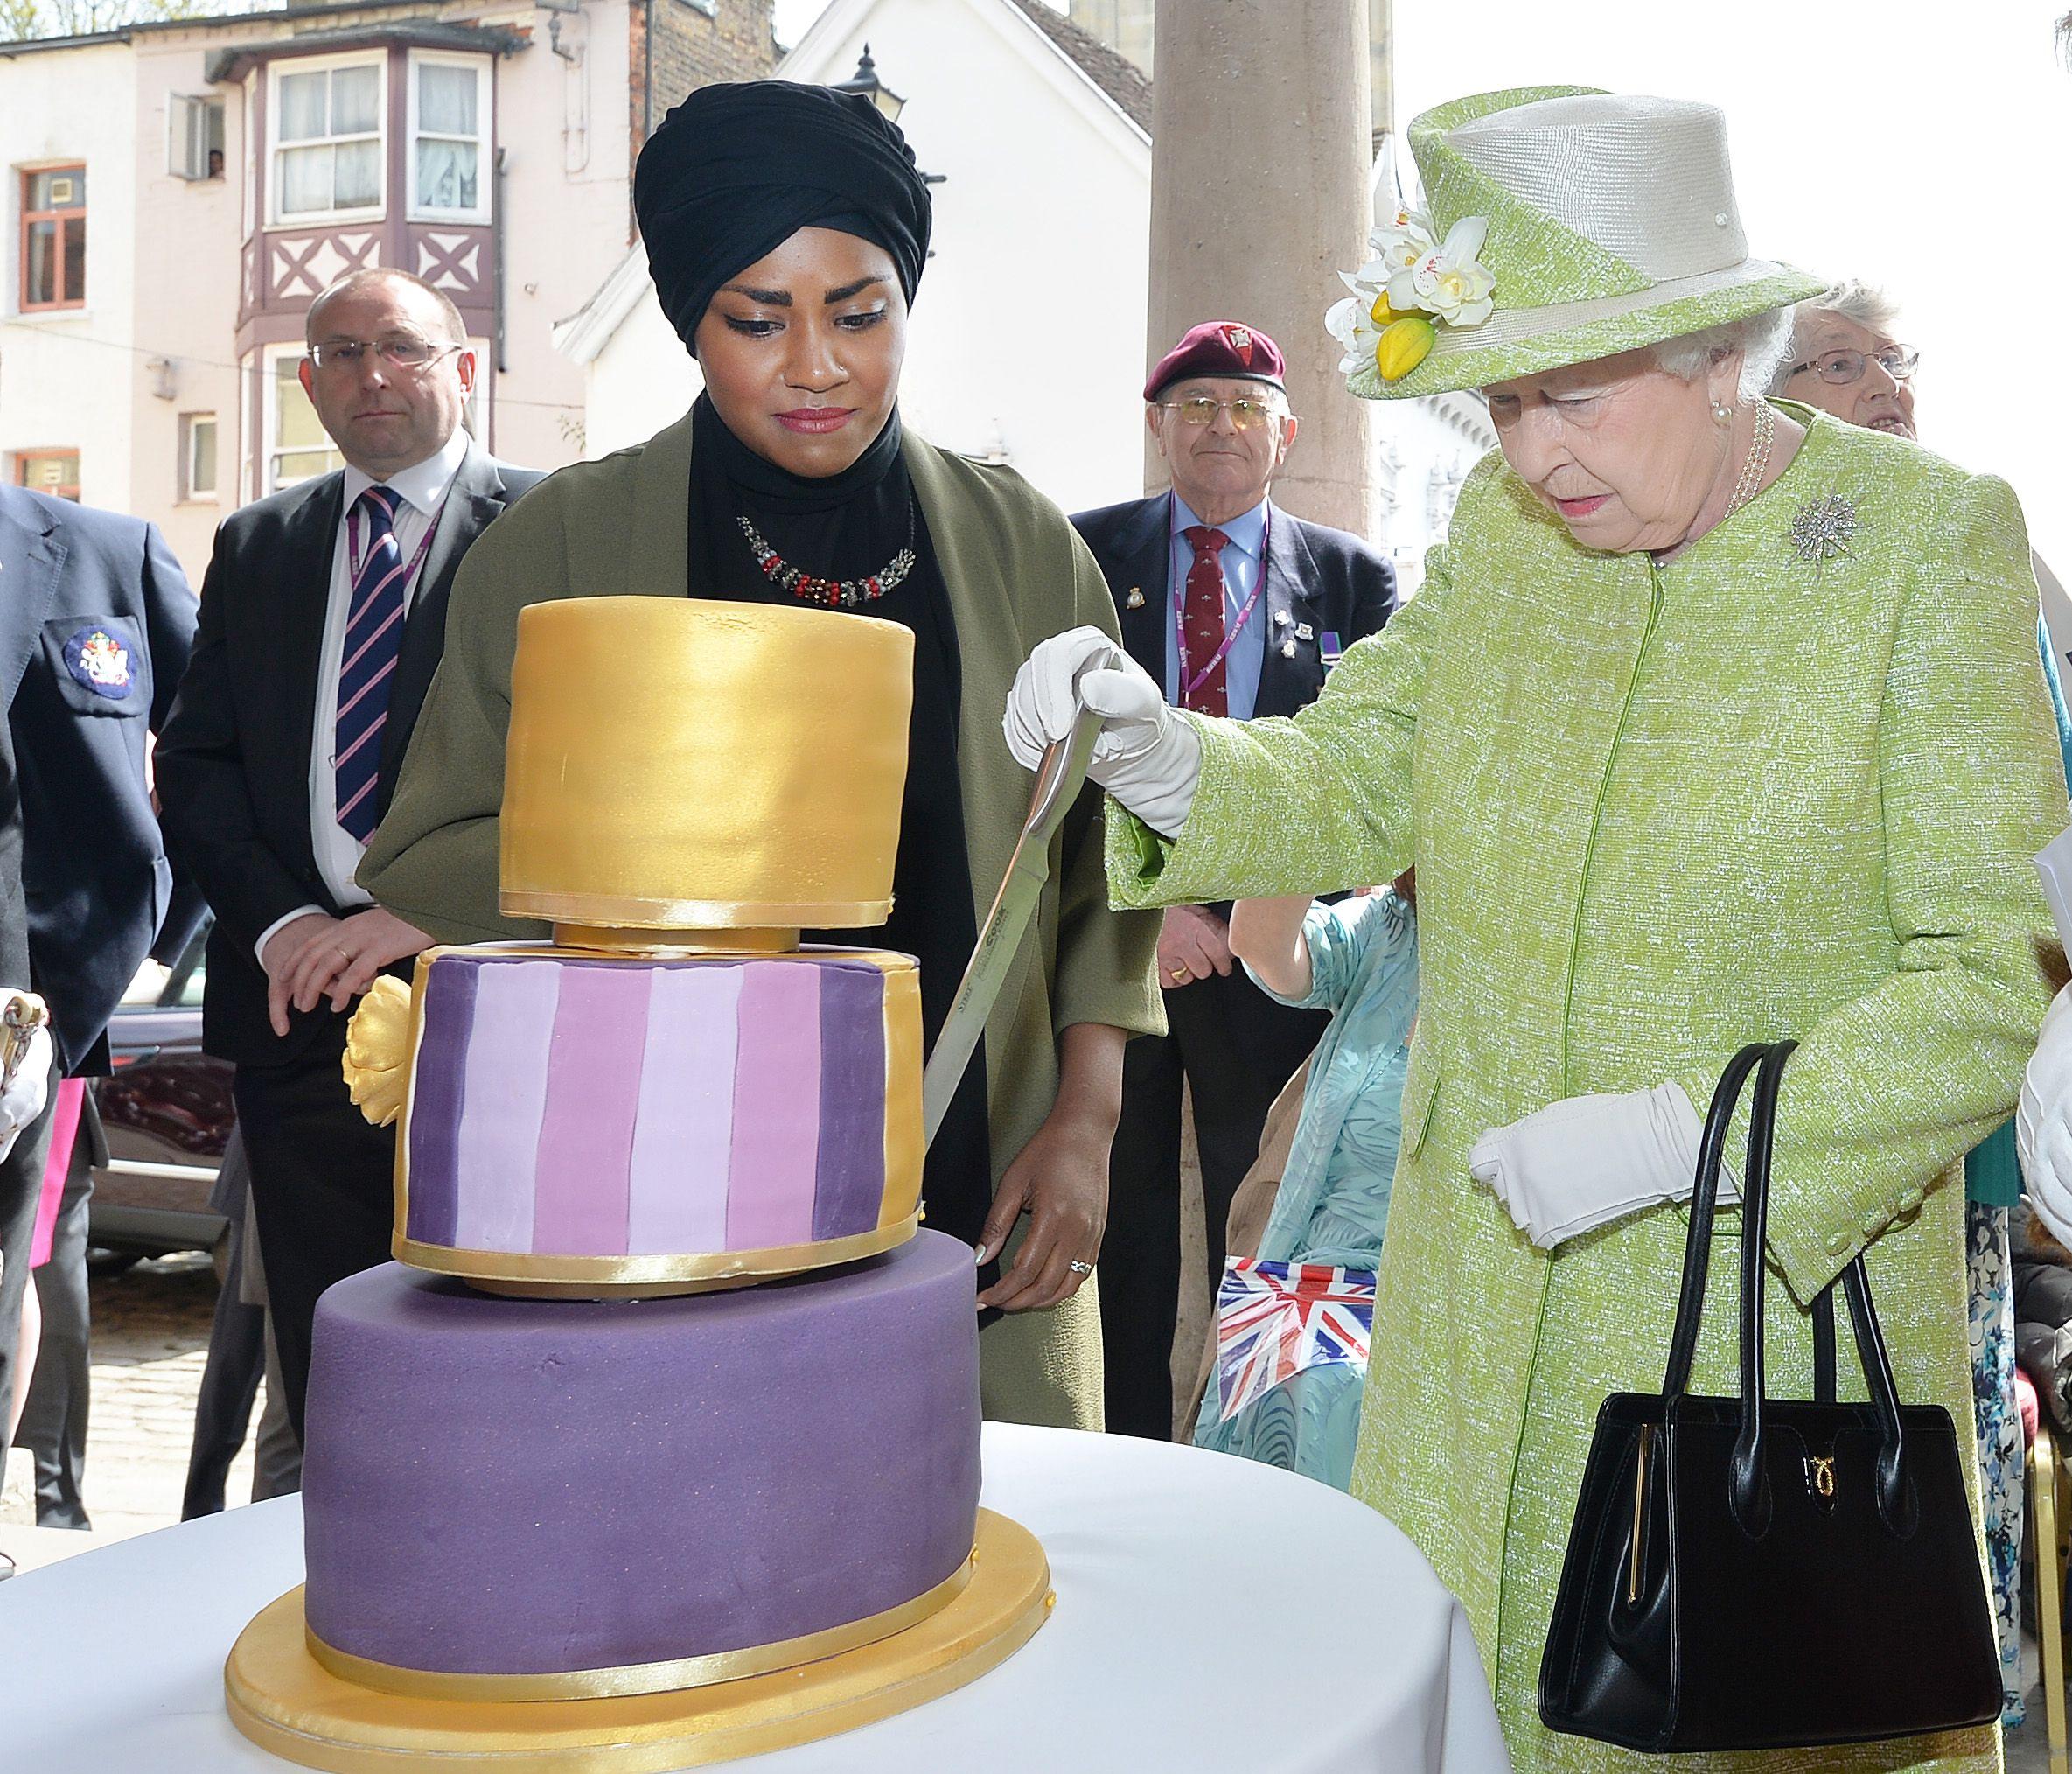 Hijab et birthday cake royal : la pâtissière de Sa Majesté était voilée et tout ce que les Britanniques ont retenu (eux), c'était que le gâteau penchait